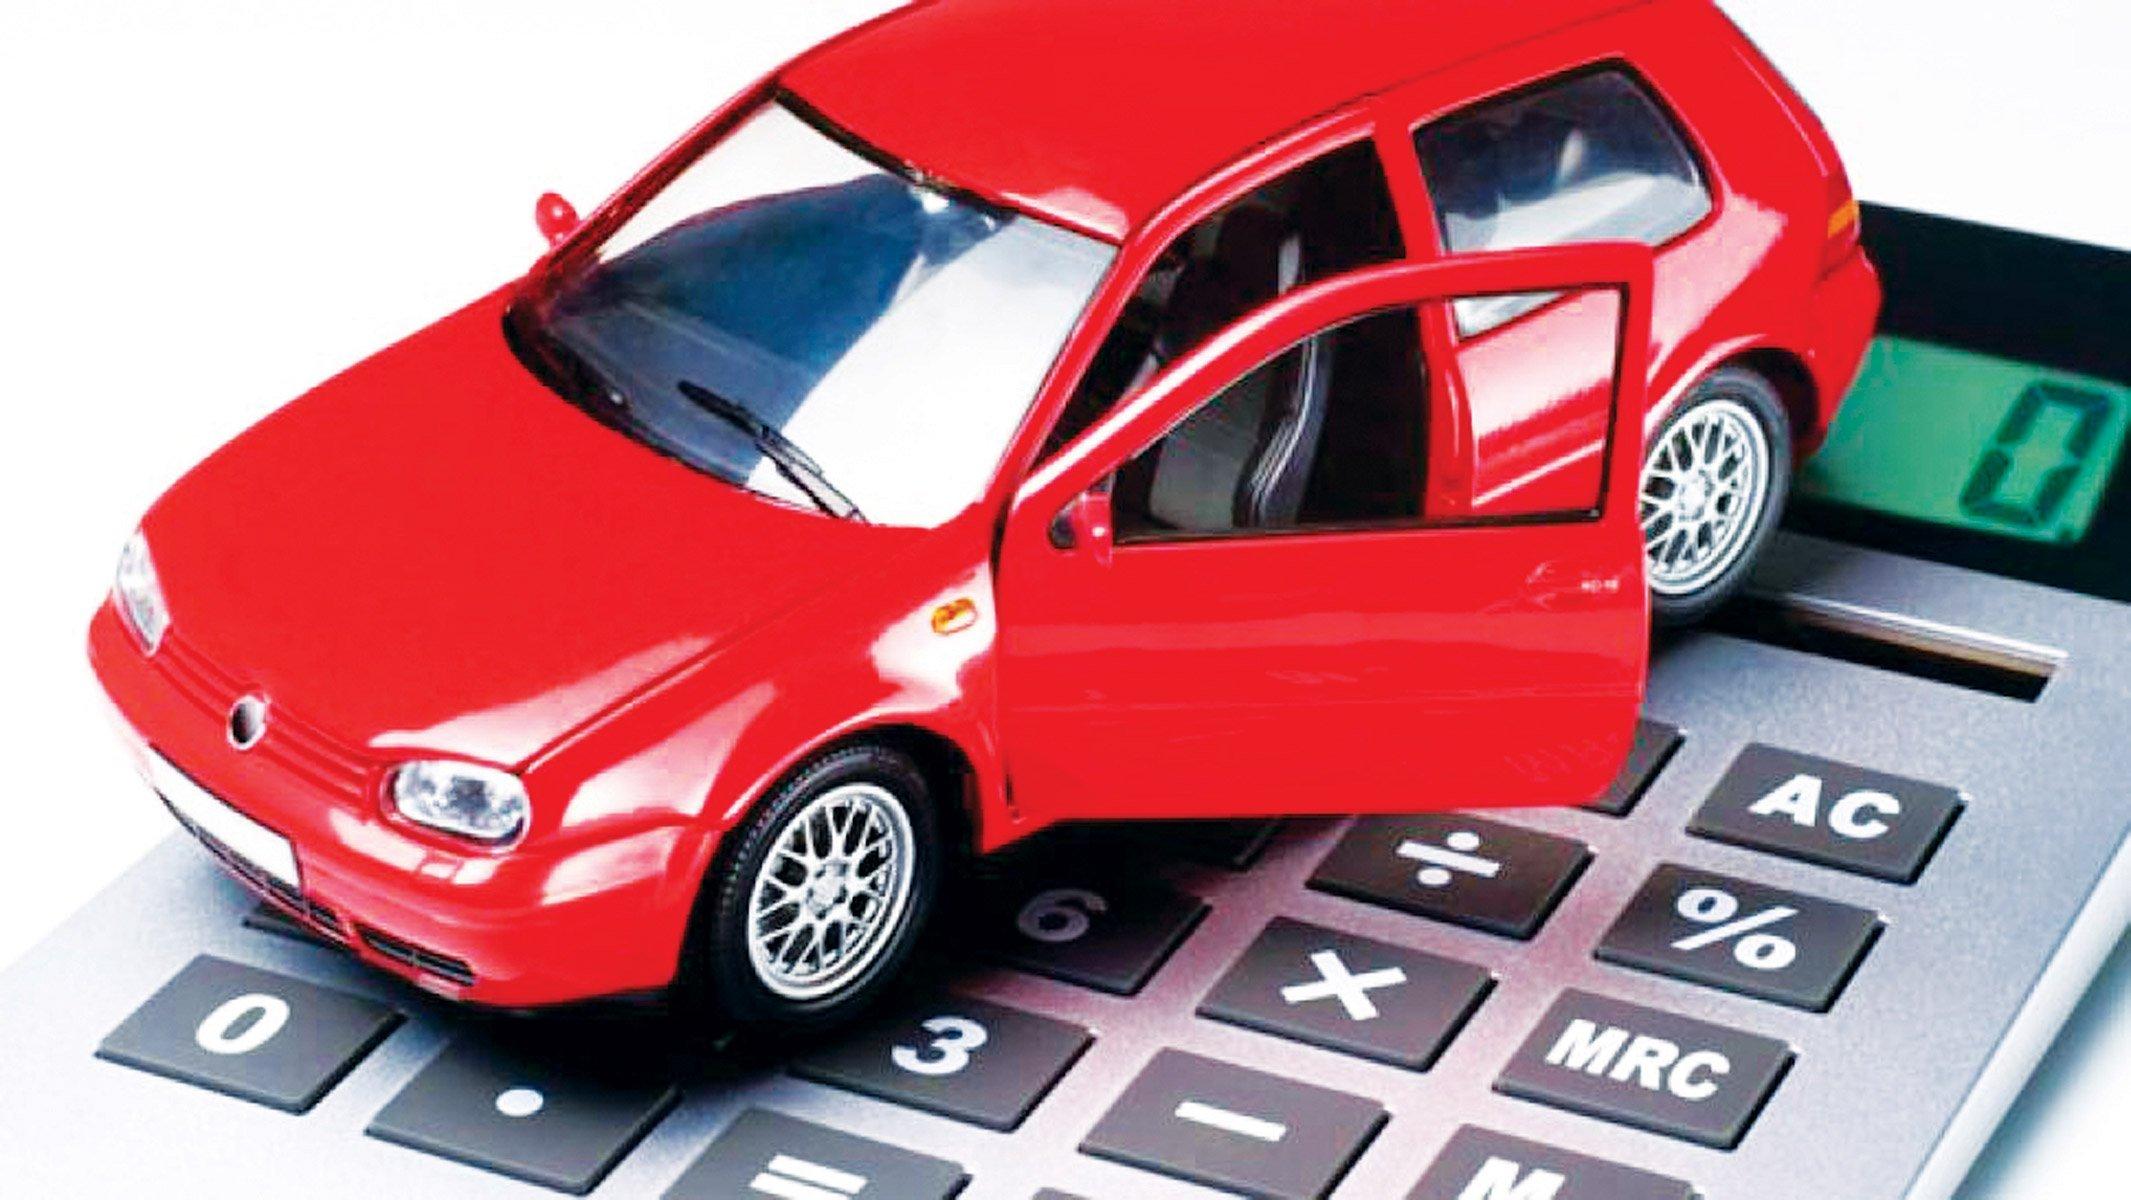 آیا قیمت خودرو کاهش مییابد؟